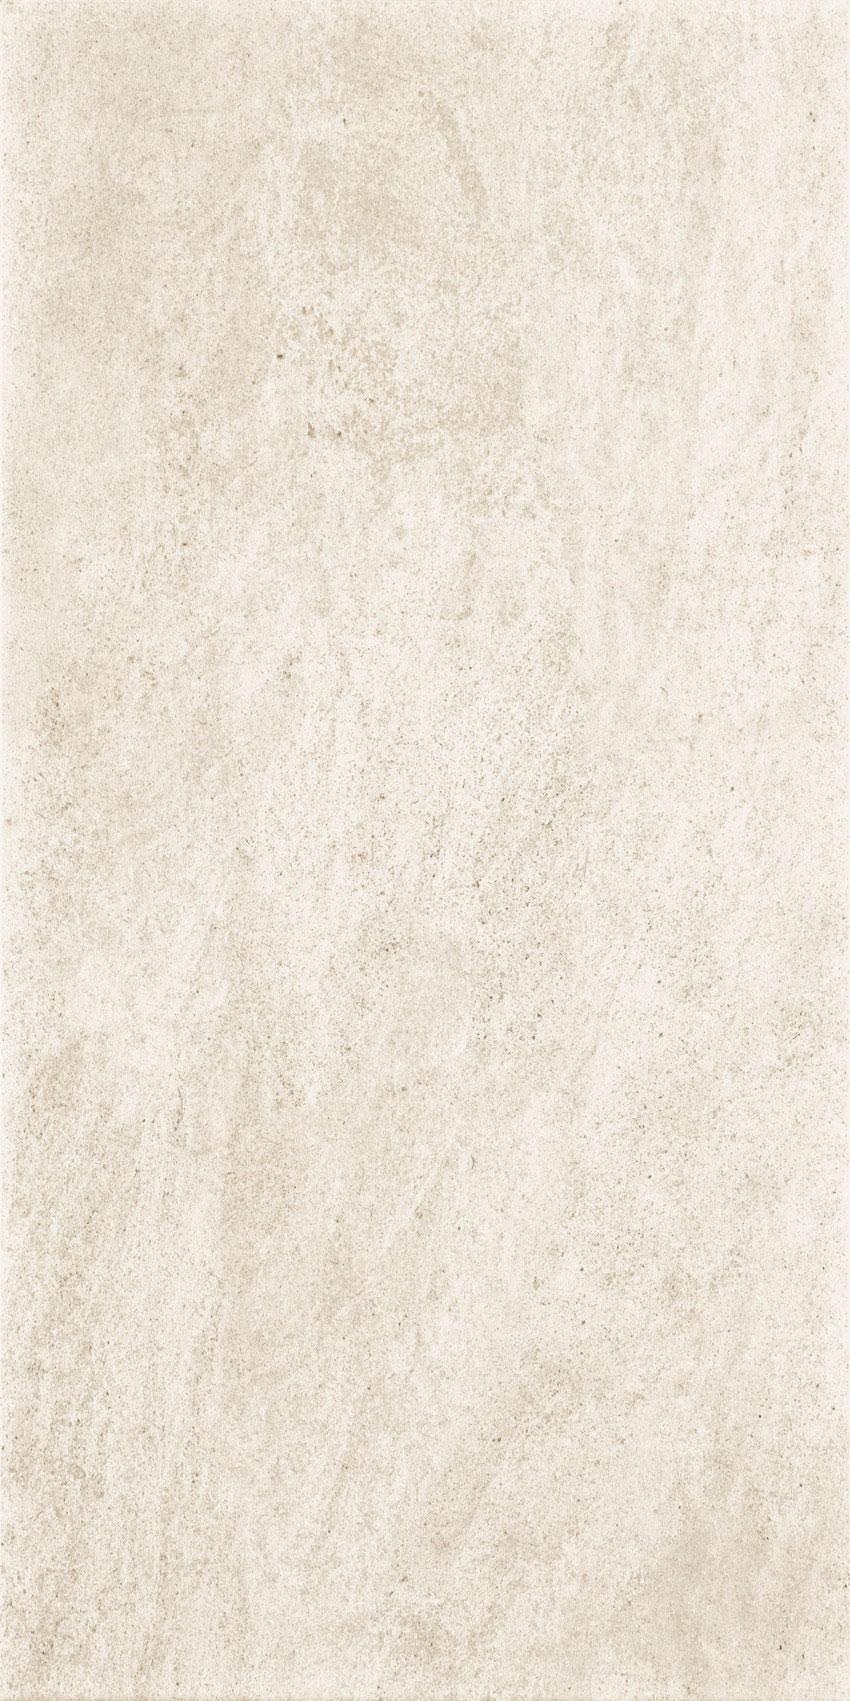 Настенная плитка Ceramika Paradyz Emilly Beige 30x60 (1,44) бордюр paradyz emilly milio sepia 2 3x60